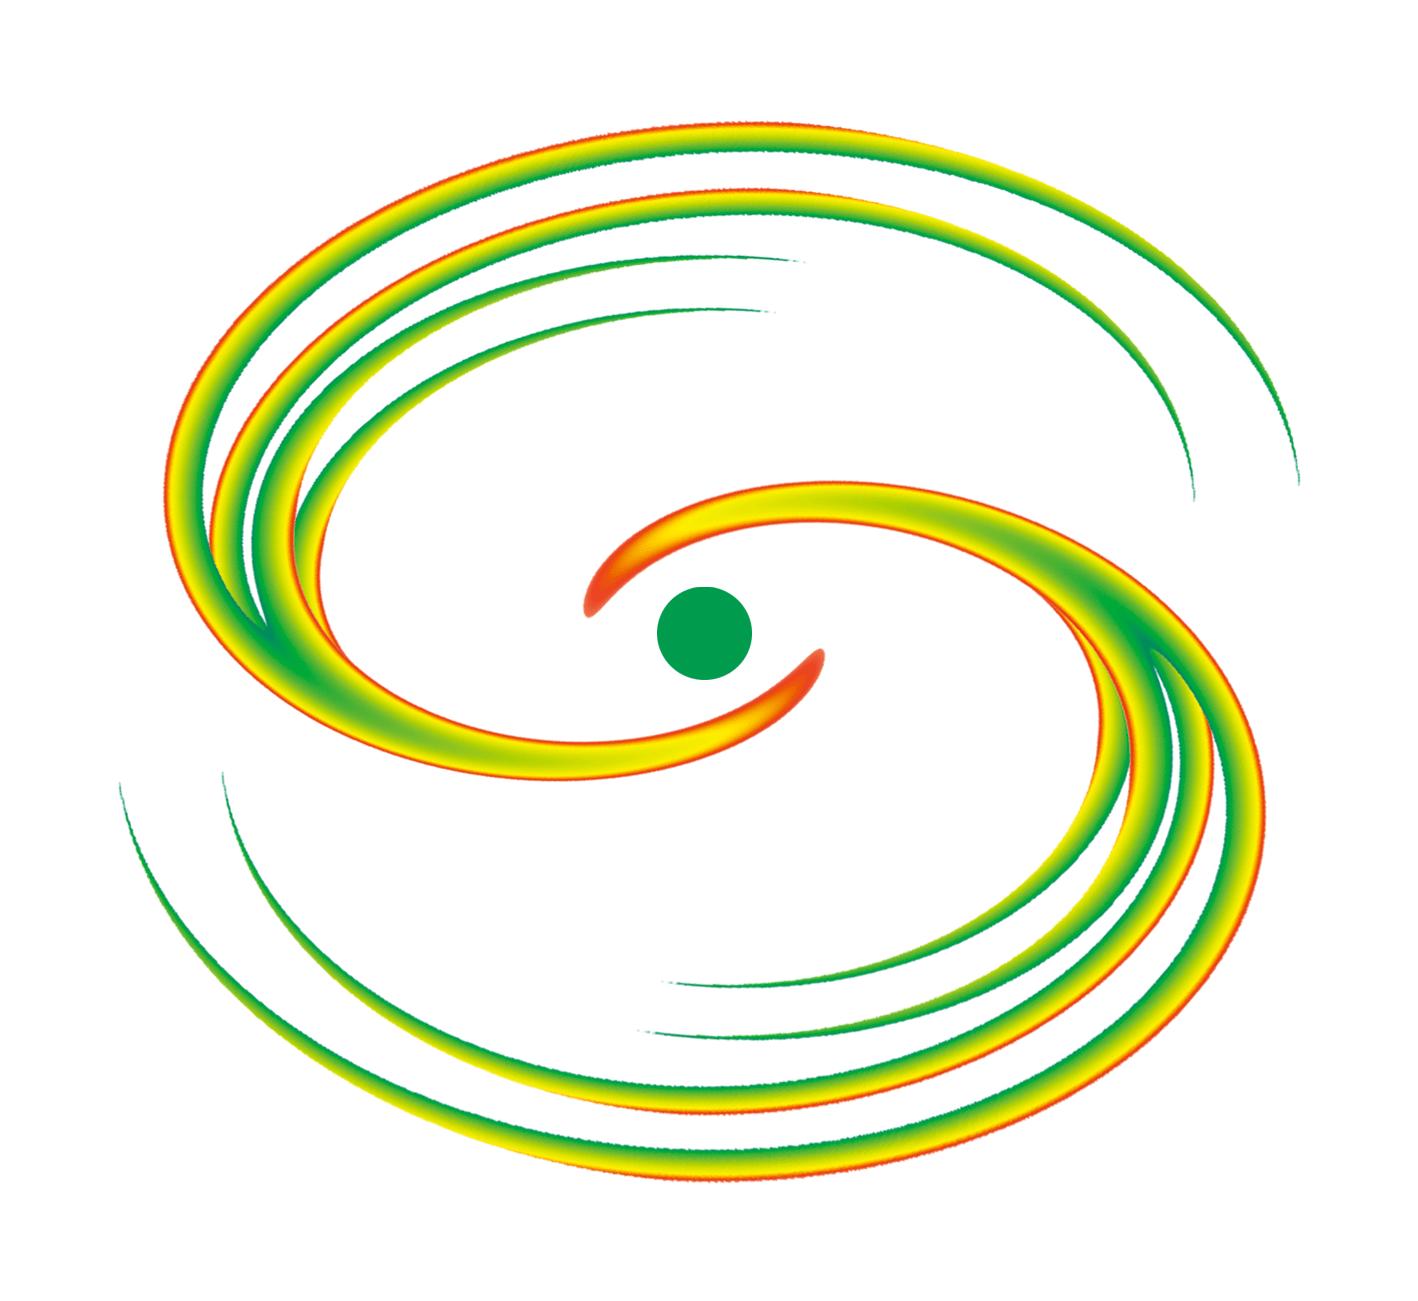 沈阳色谱科学仪器有限公司